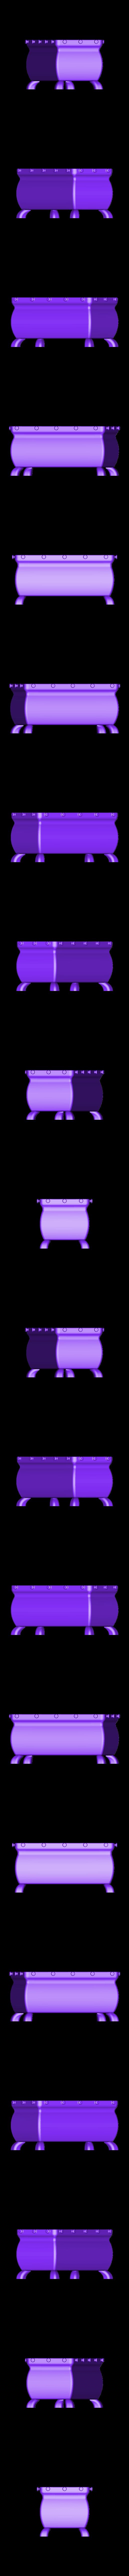 bonsaipot.stl Download free STL file BonsaiPot • 3D printer template, bifrost76